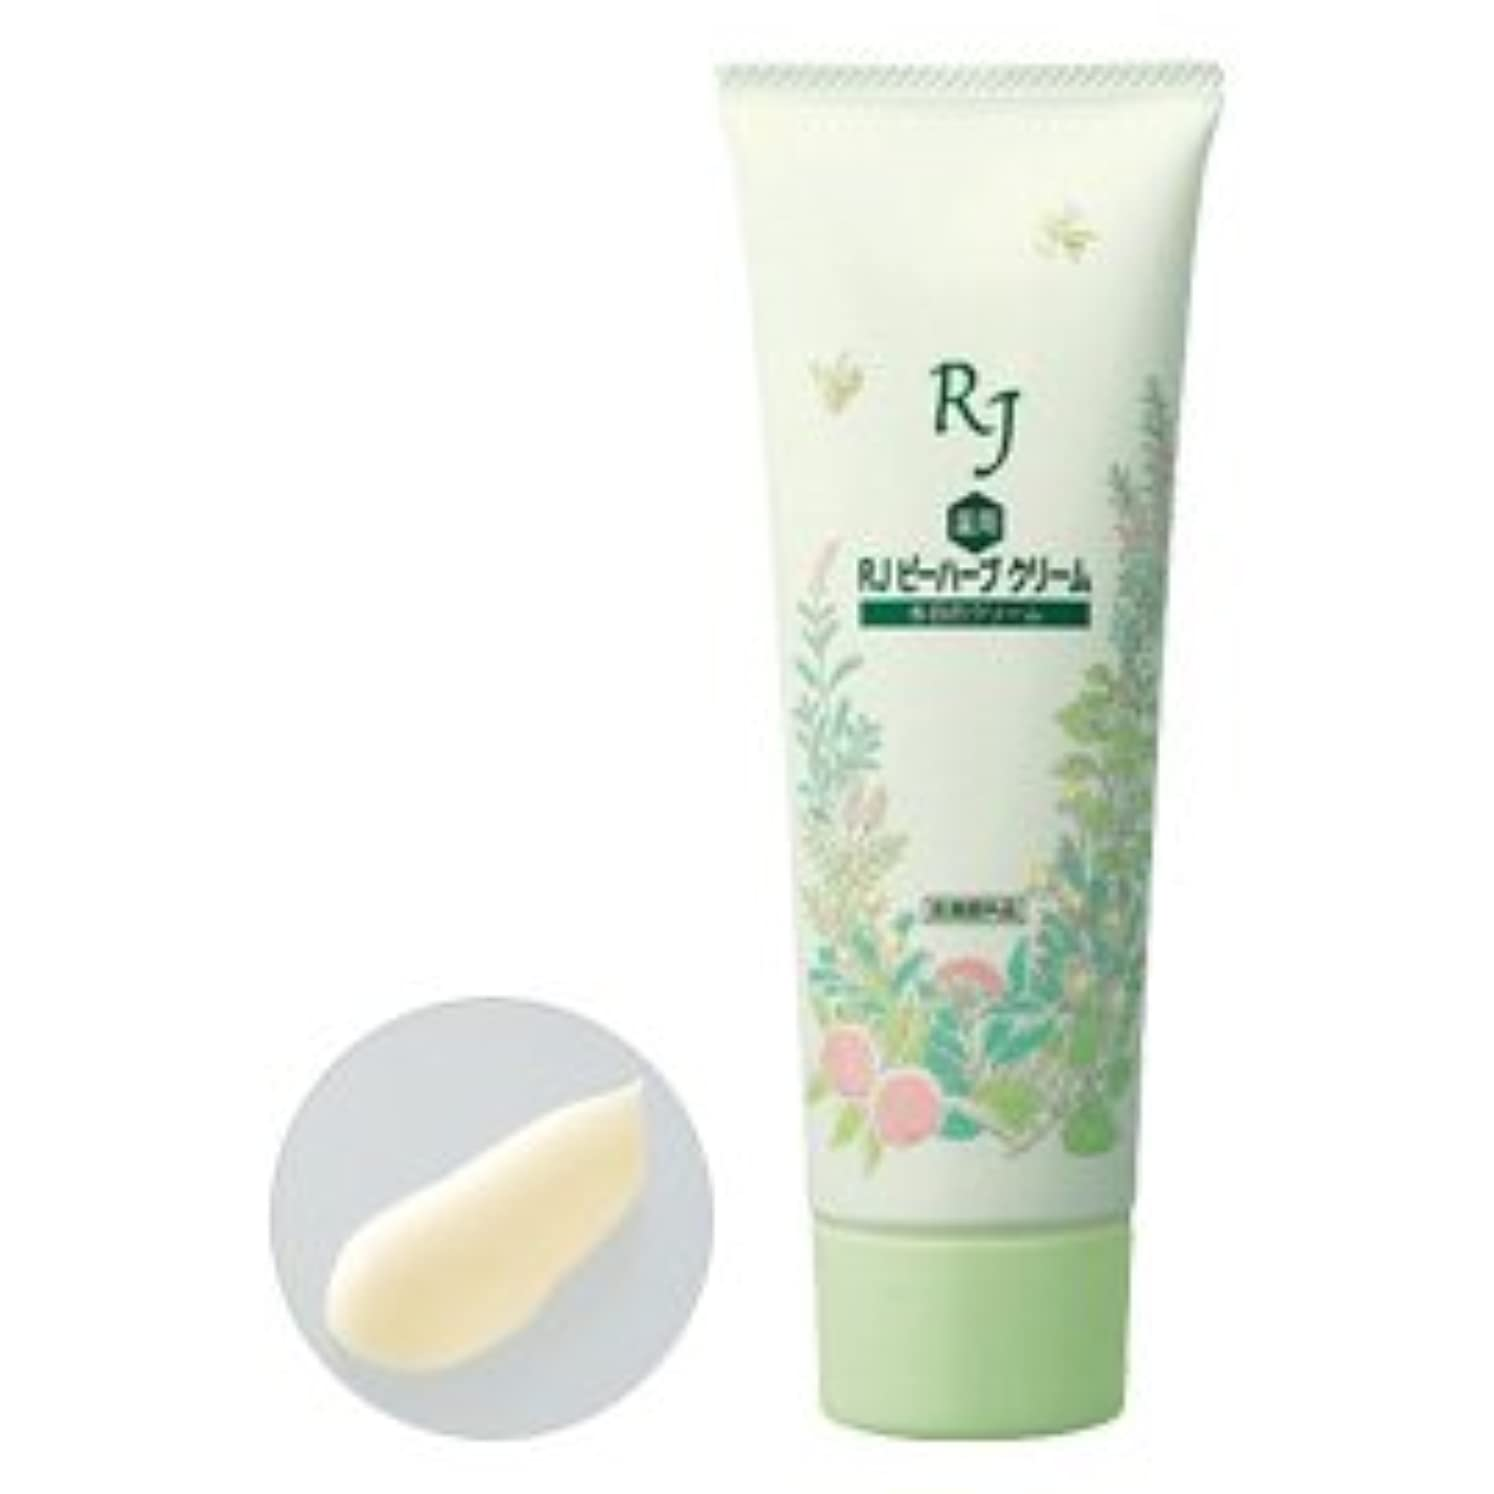 レンドむちゃくちゃステッチ薬用 RJビーハーブクリーム〈全身用保湿クリーム〉 医薬部外品 120g /Medicated RJ Bee Herb Cream<120g>